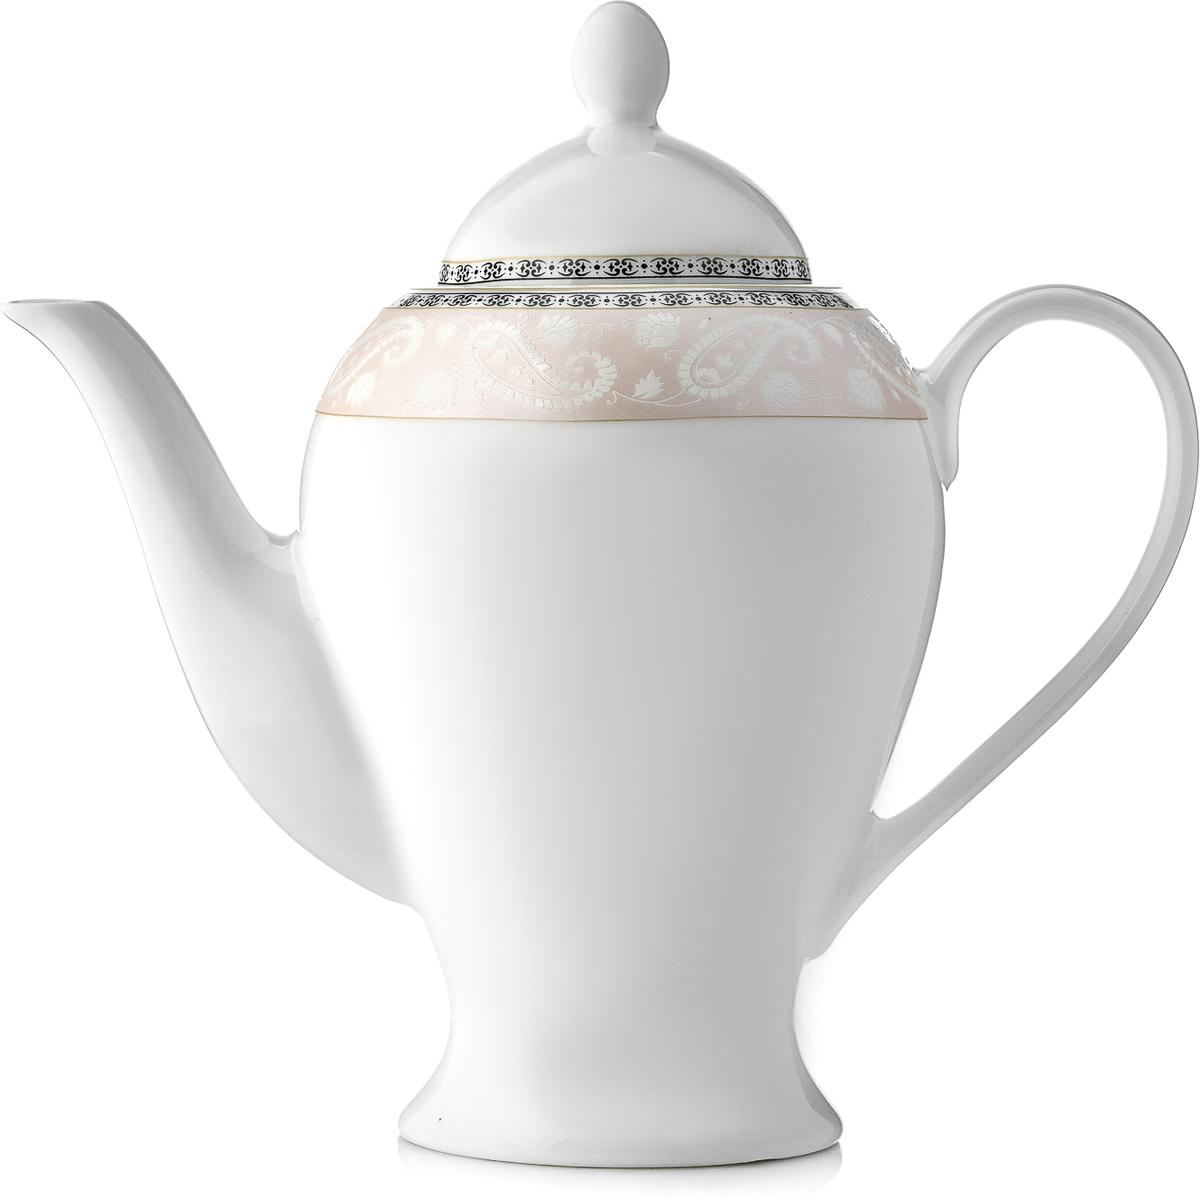 Чайник заварочный Esprado Arista Rose, 920 млM1913-01Чайник заварочный Esprado Arista Rose изготовлен из высококачественного костяногофарфора с глазурованным покрытием, которое обеспечивает легкую очистку. Изделие прекрасноподходит для заваривания вкусного и ароматного чая, а также травяных настоев. Оригинальныйдизайн сделает чайник настоящим украшением стола. Он удобен в использовании и понравитсякаждому.